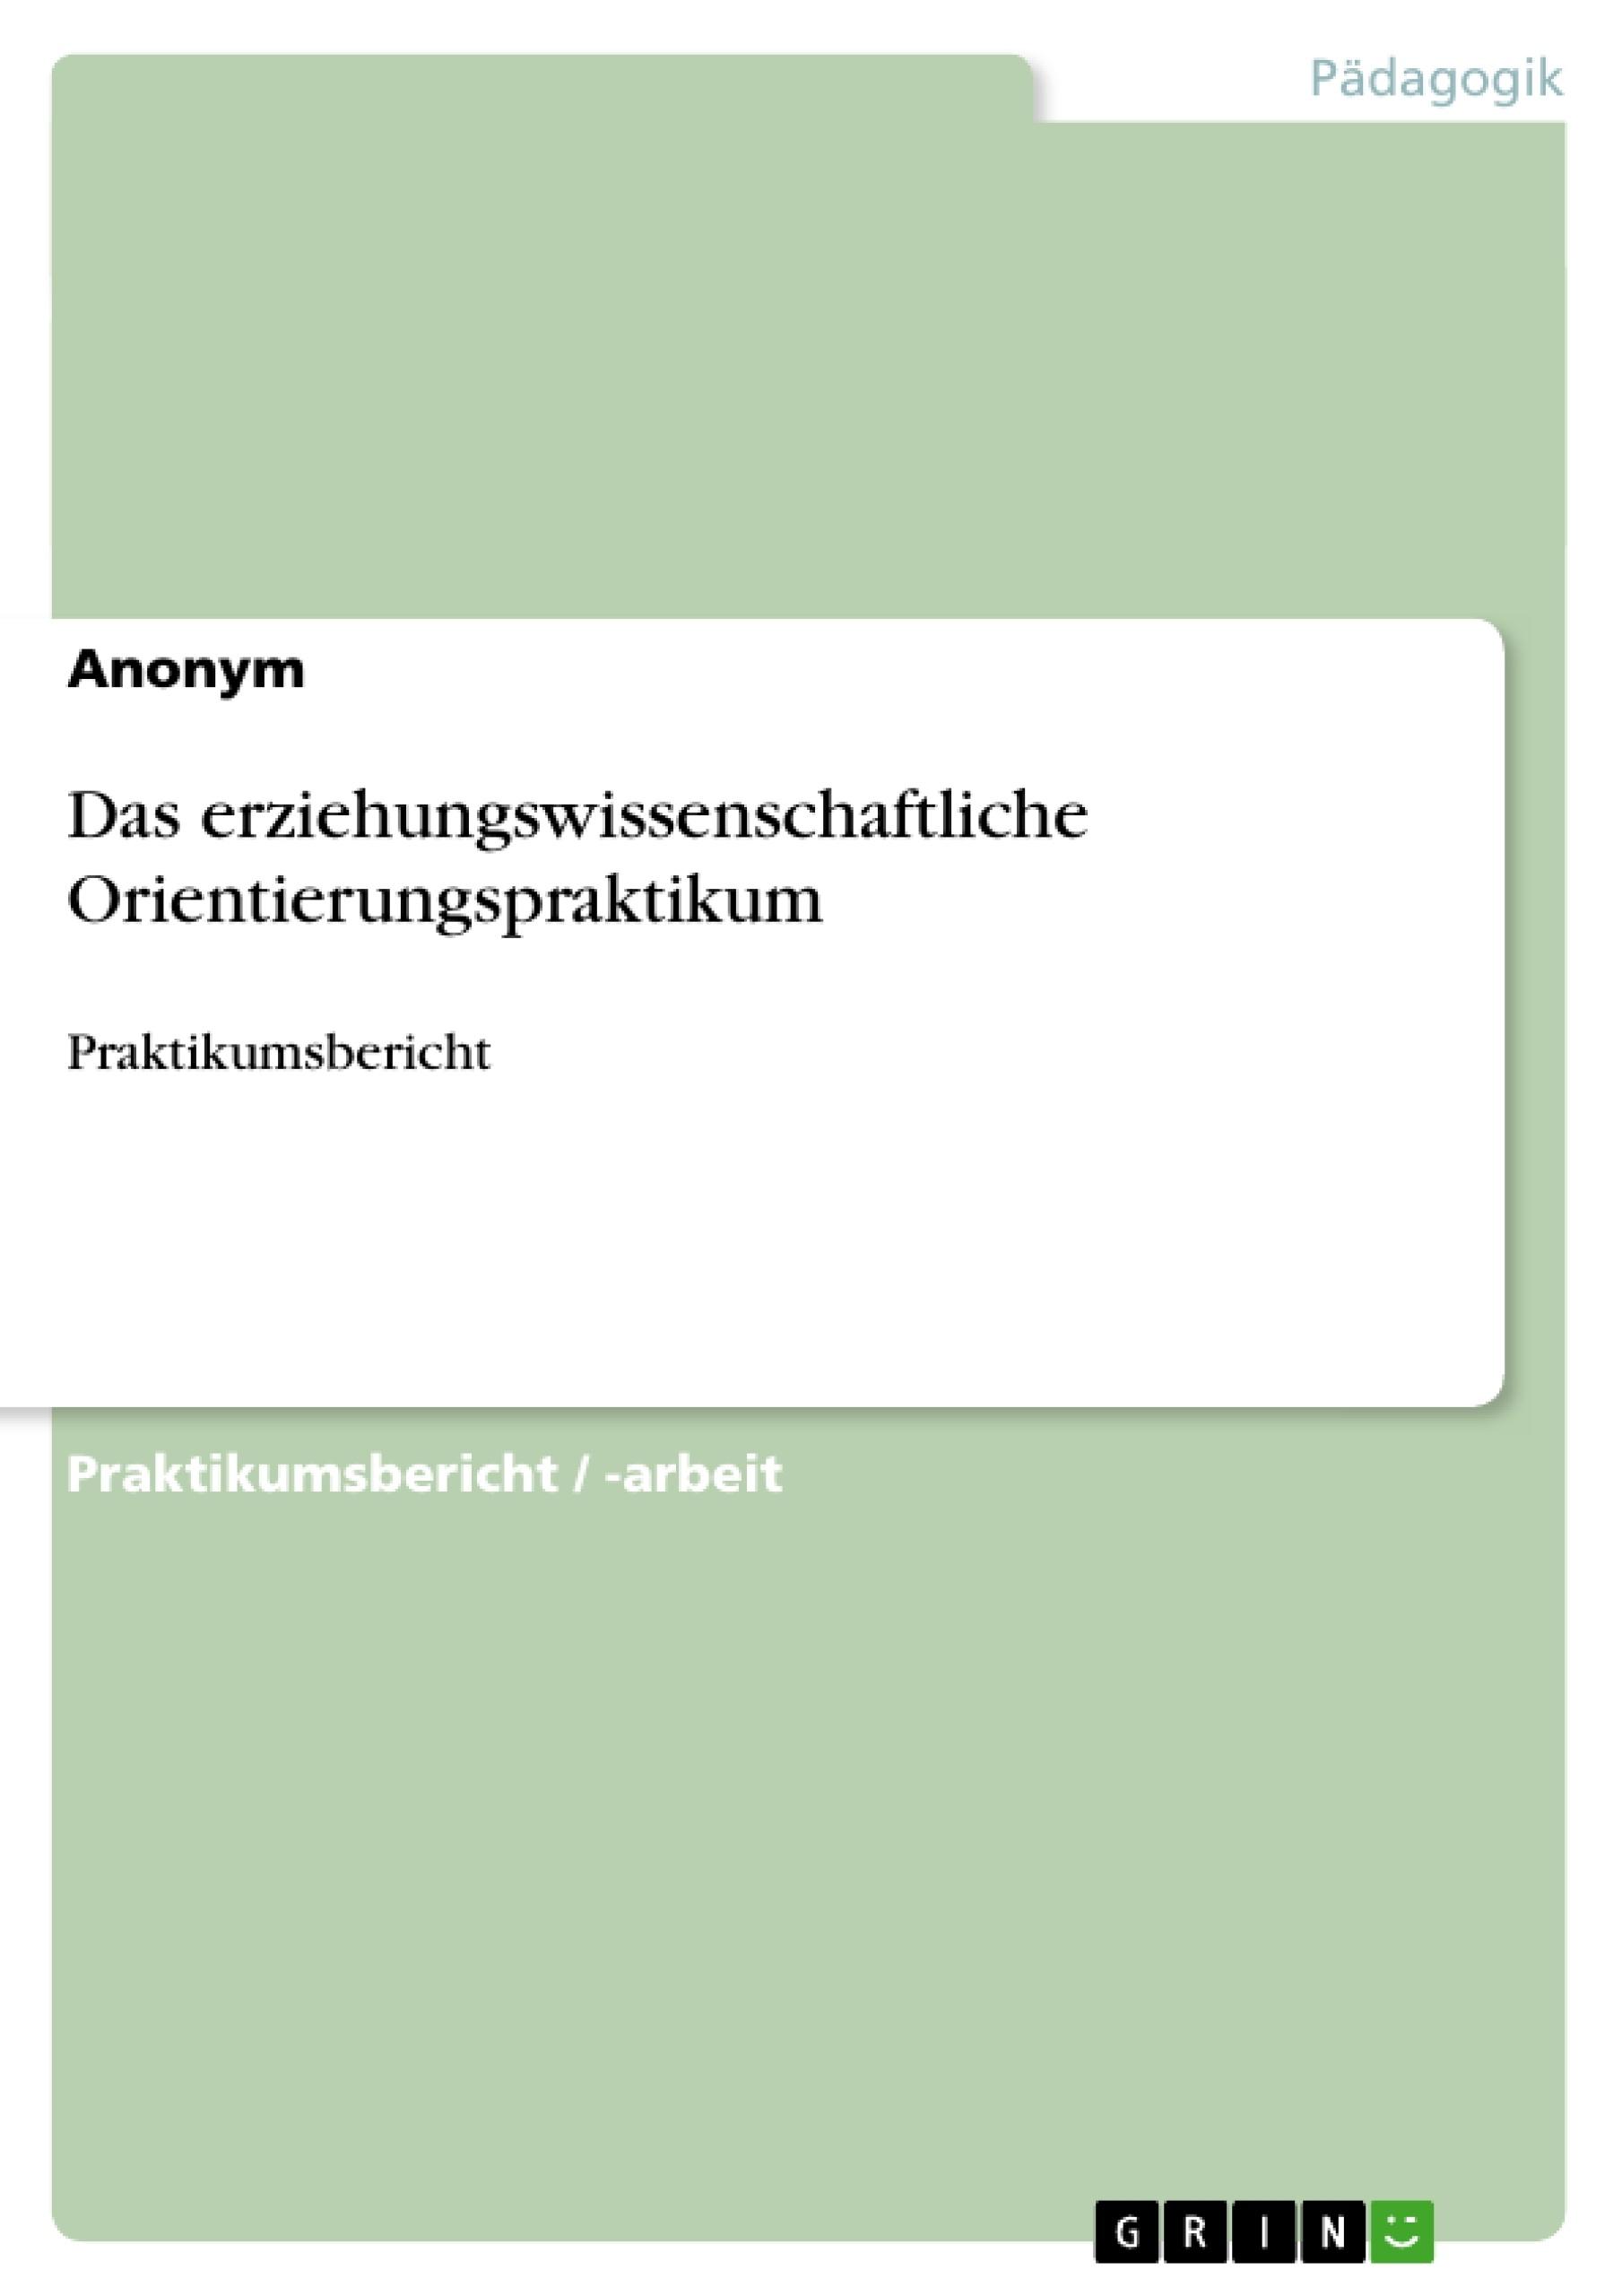 Titel: Das erziehungswissenschaftliche Orientierungspraktikum